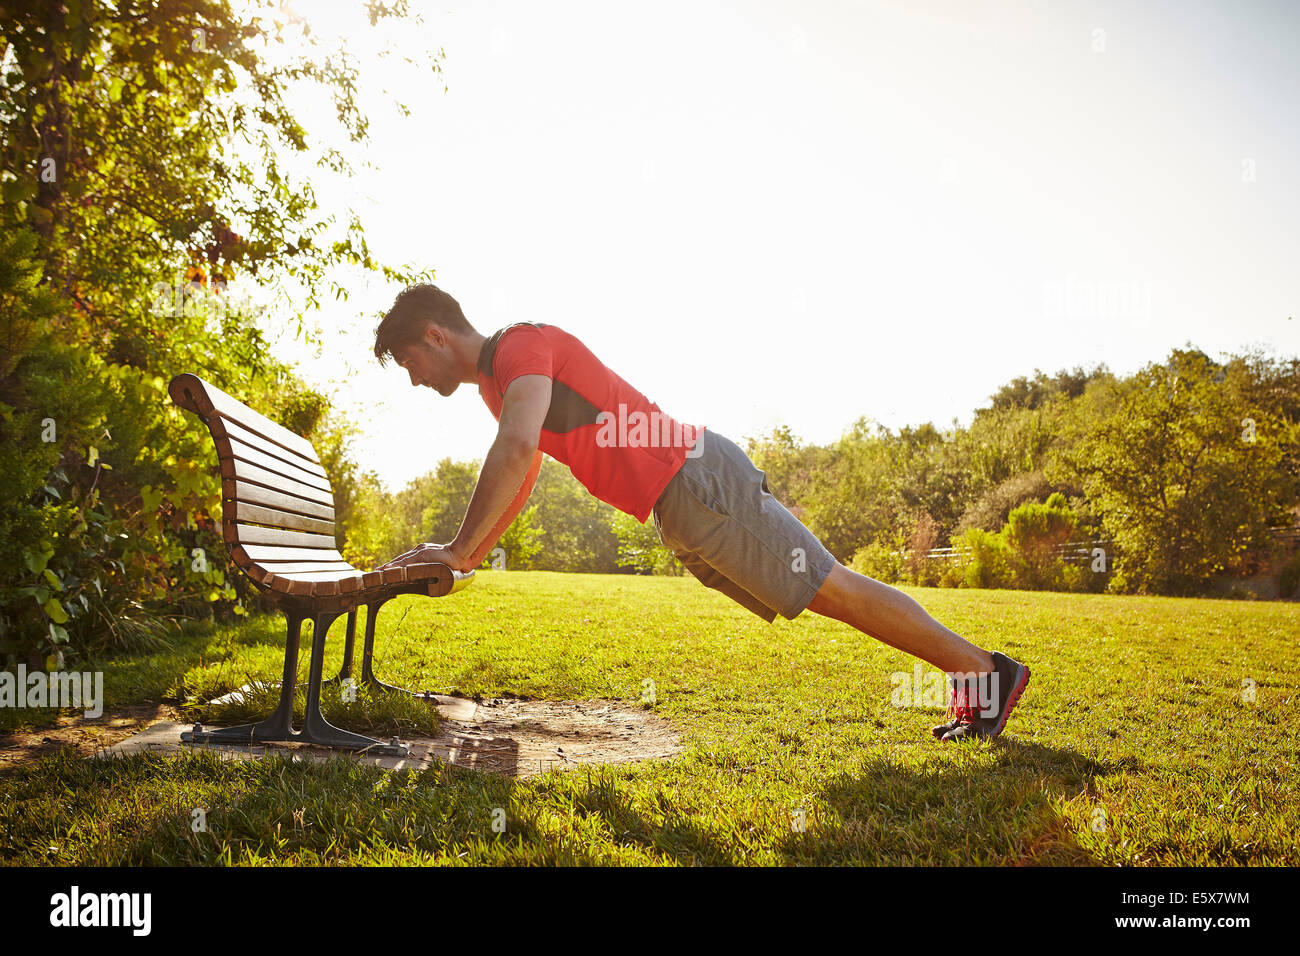 Macho joven corredor haciendo flexiones sobre un banco del parque Imagen De Stock